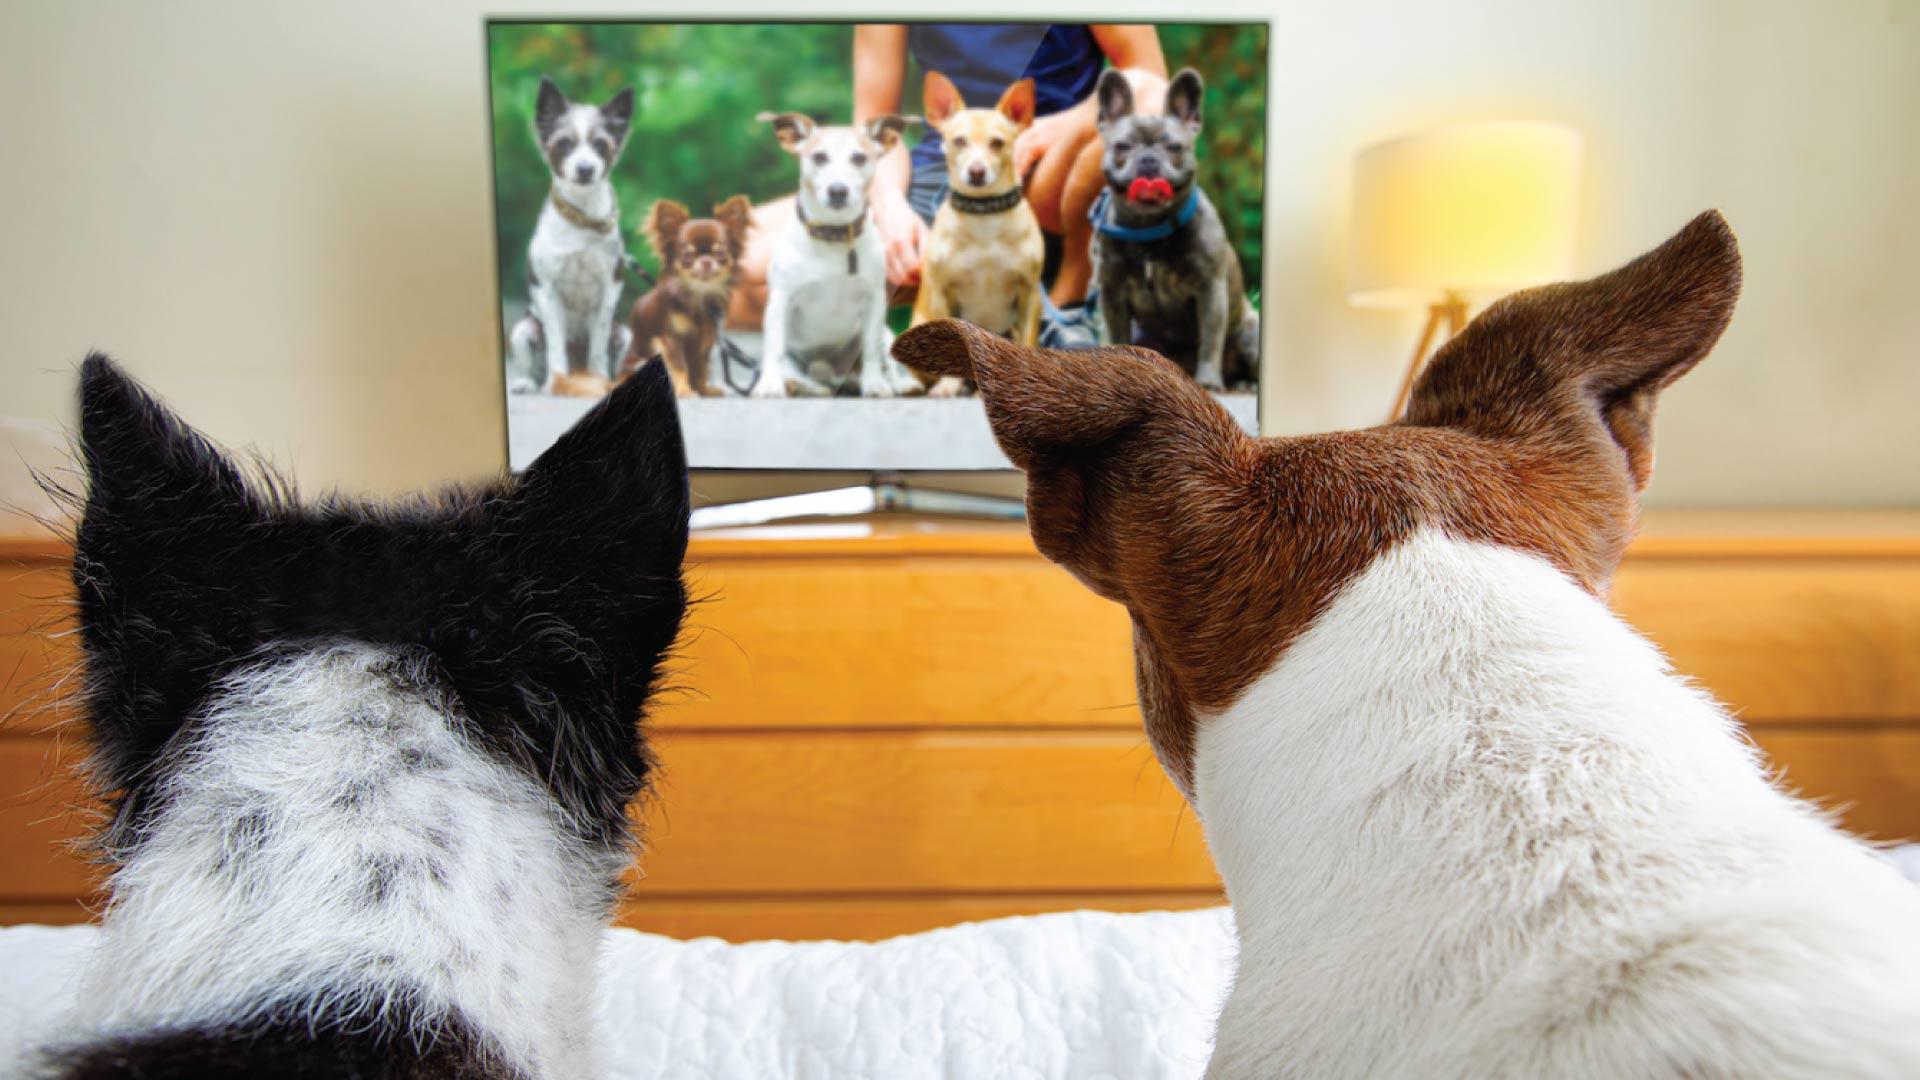 Televisión para perros: ¿Locura o necesidad?